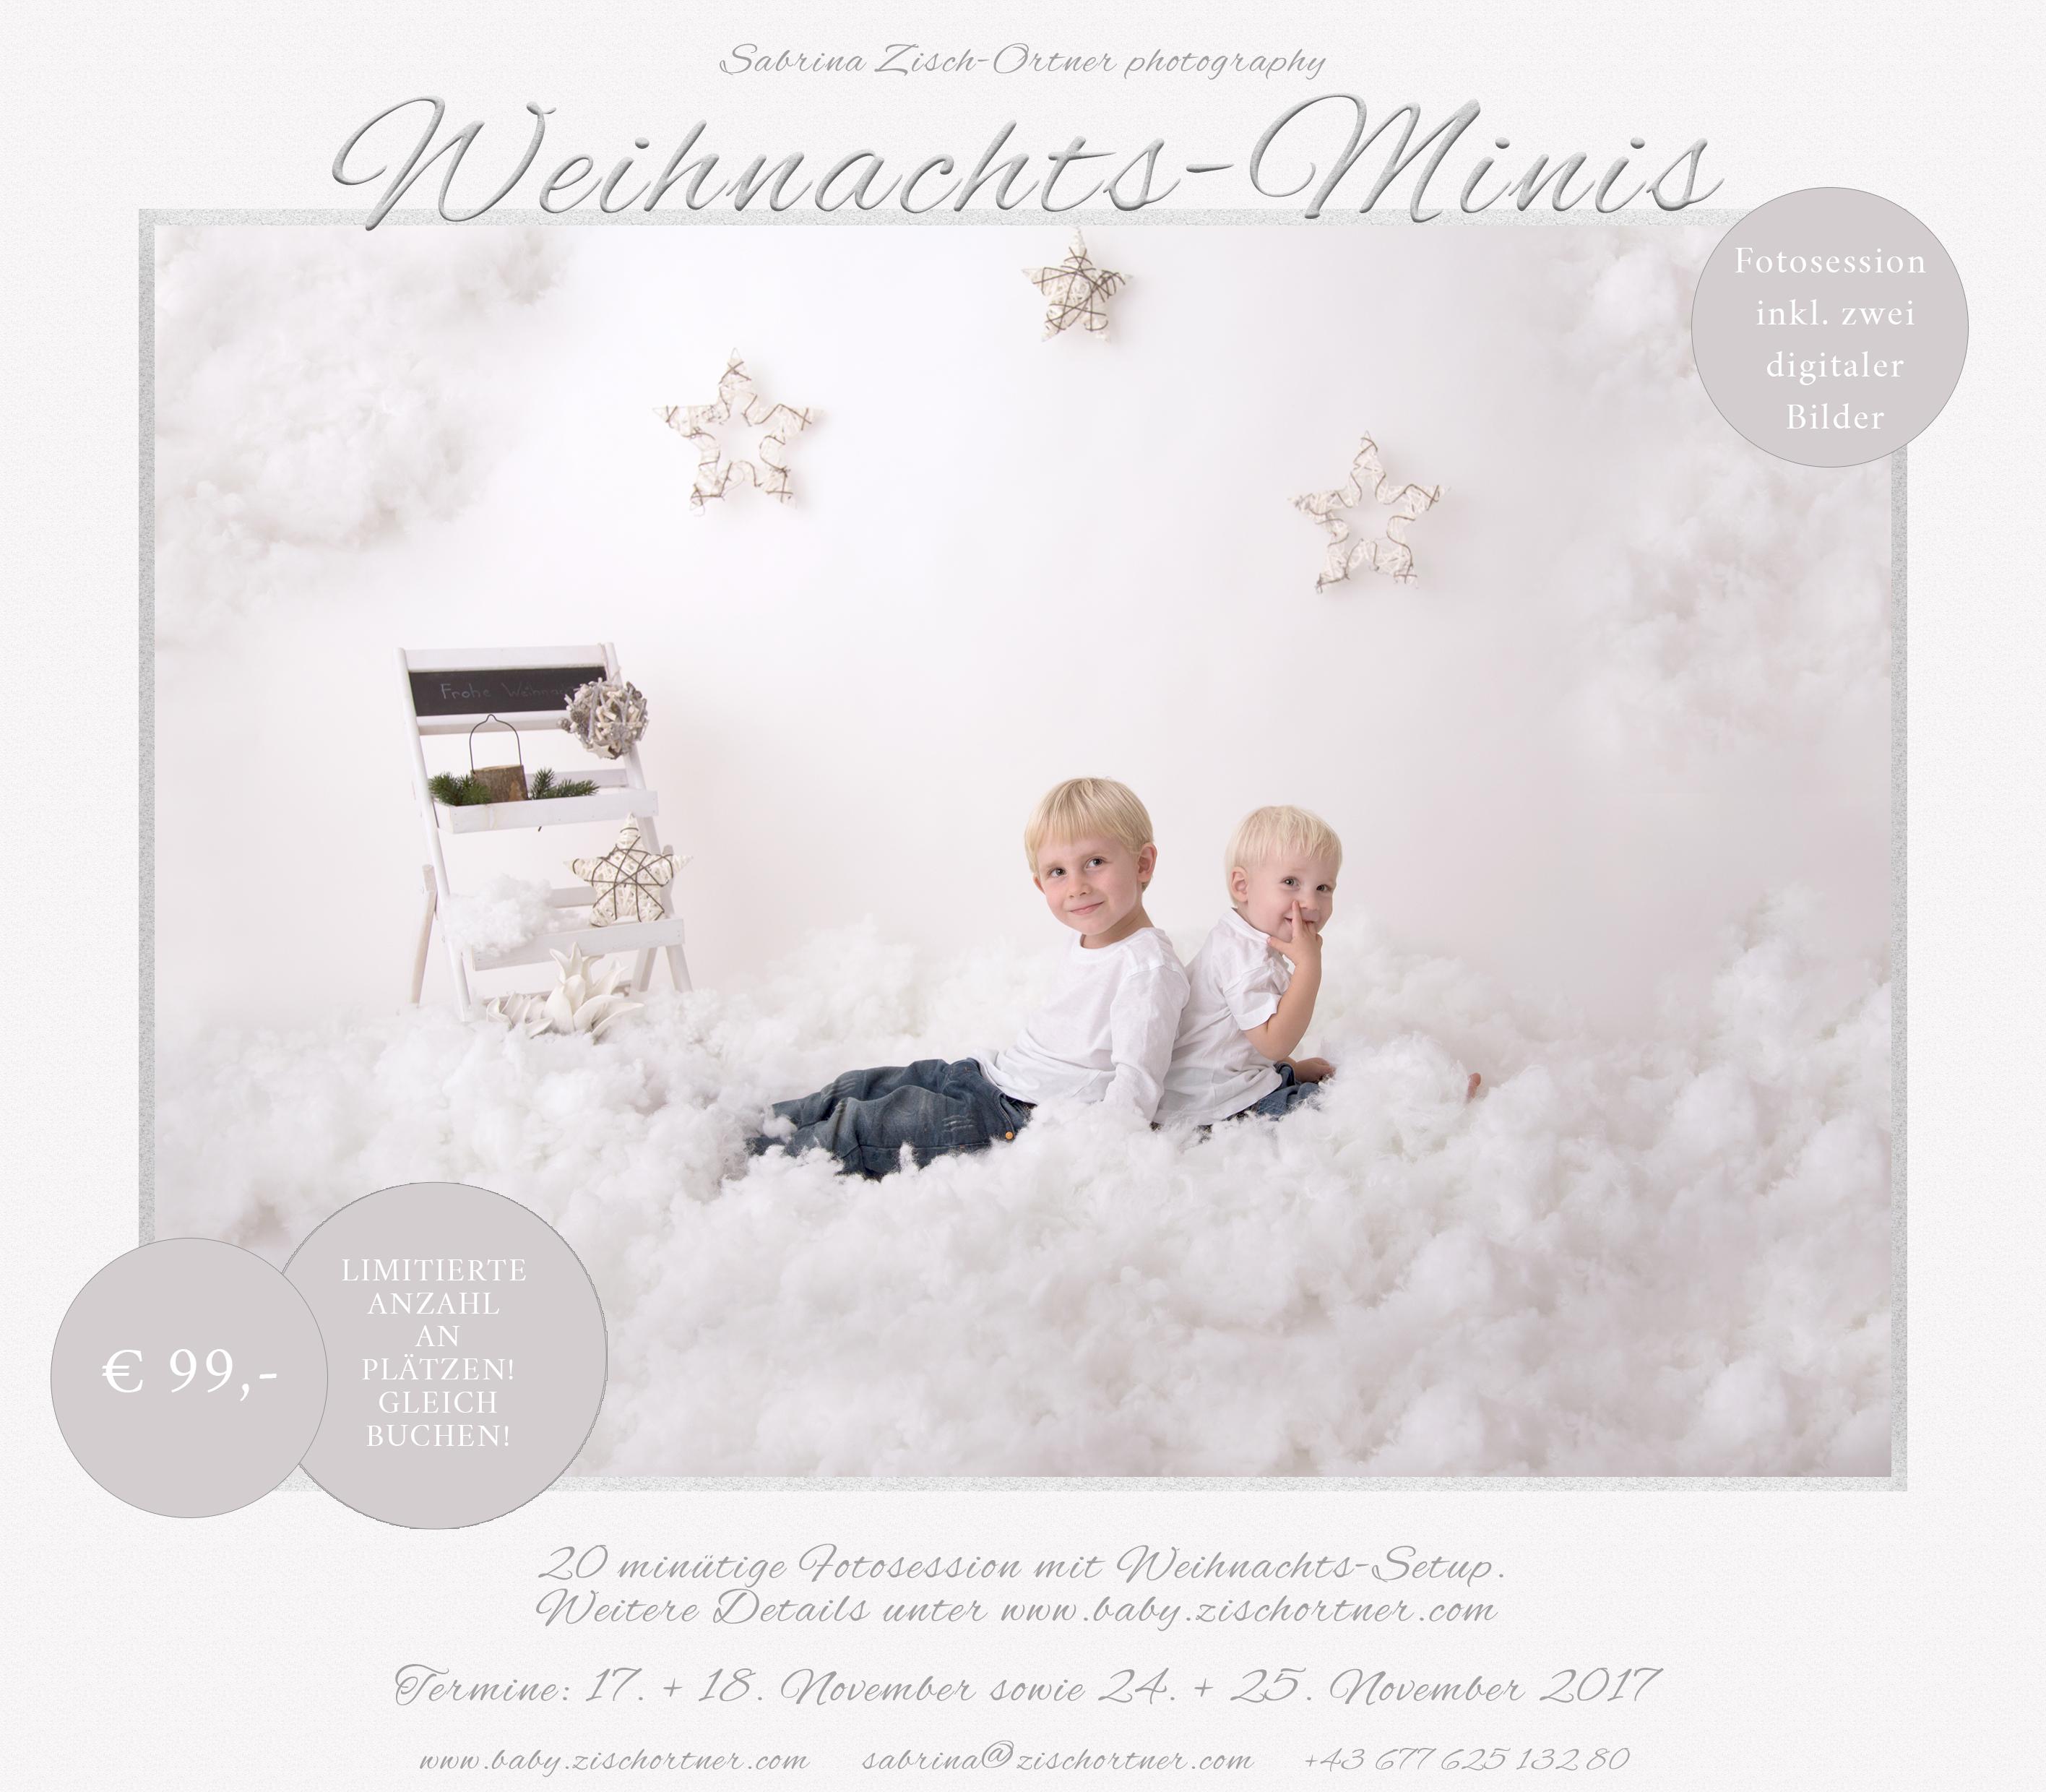 Weihnachtsbilder Mit Text.Weihnachtsbilder Aktion Neugeborenen Fotografin Sabrina Zisch Ortner